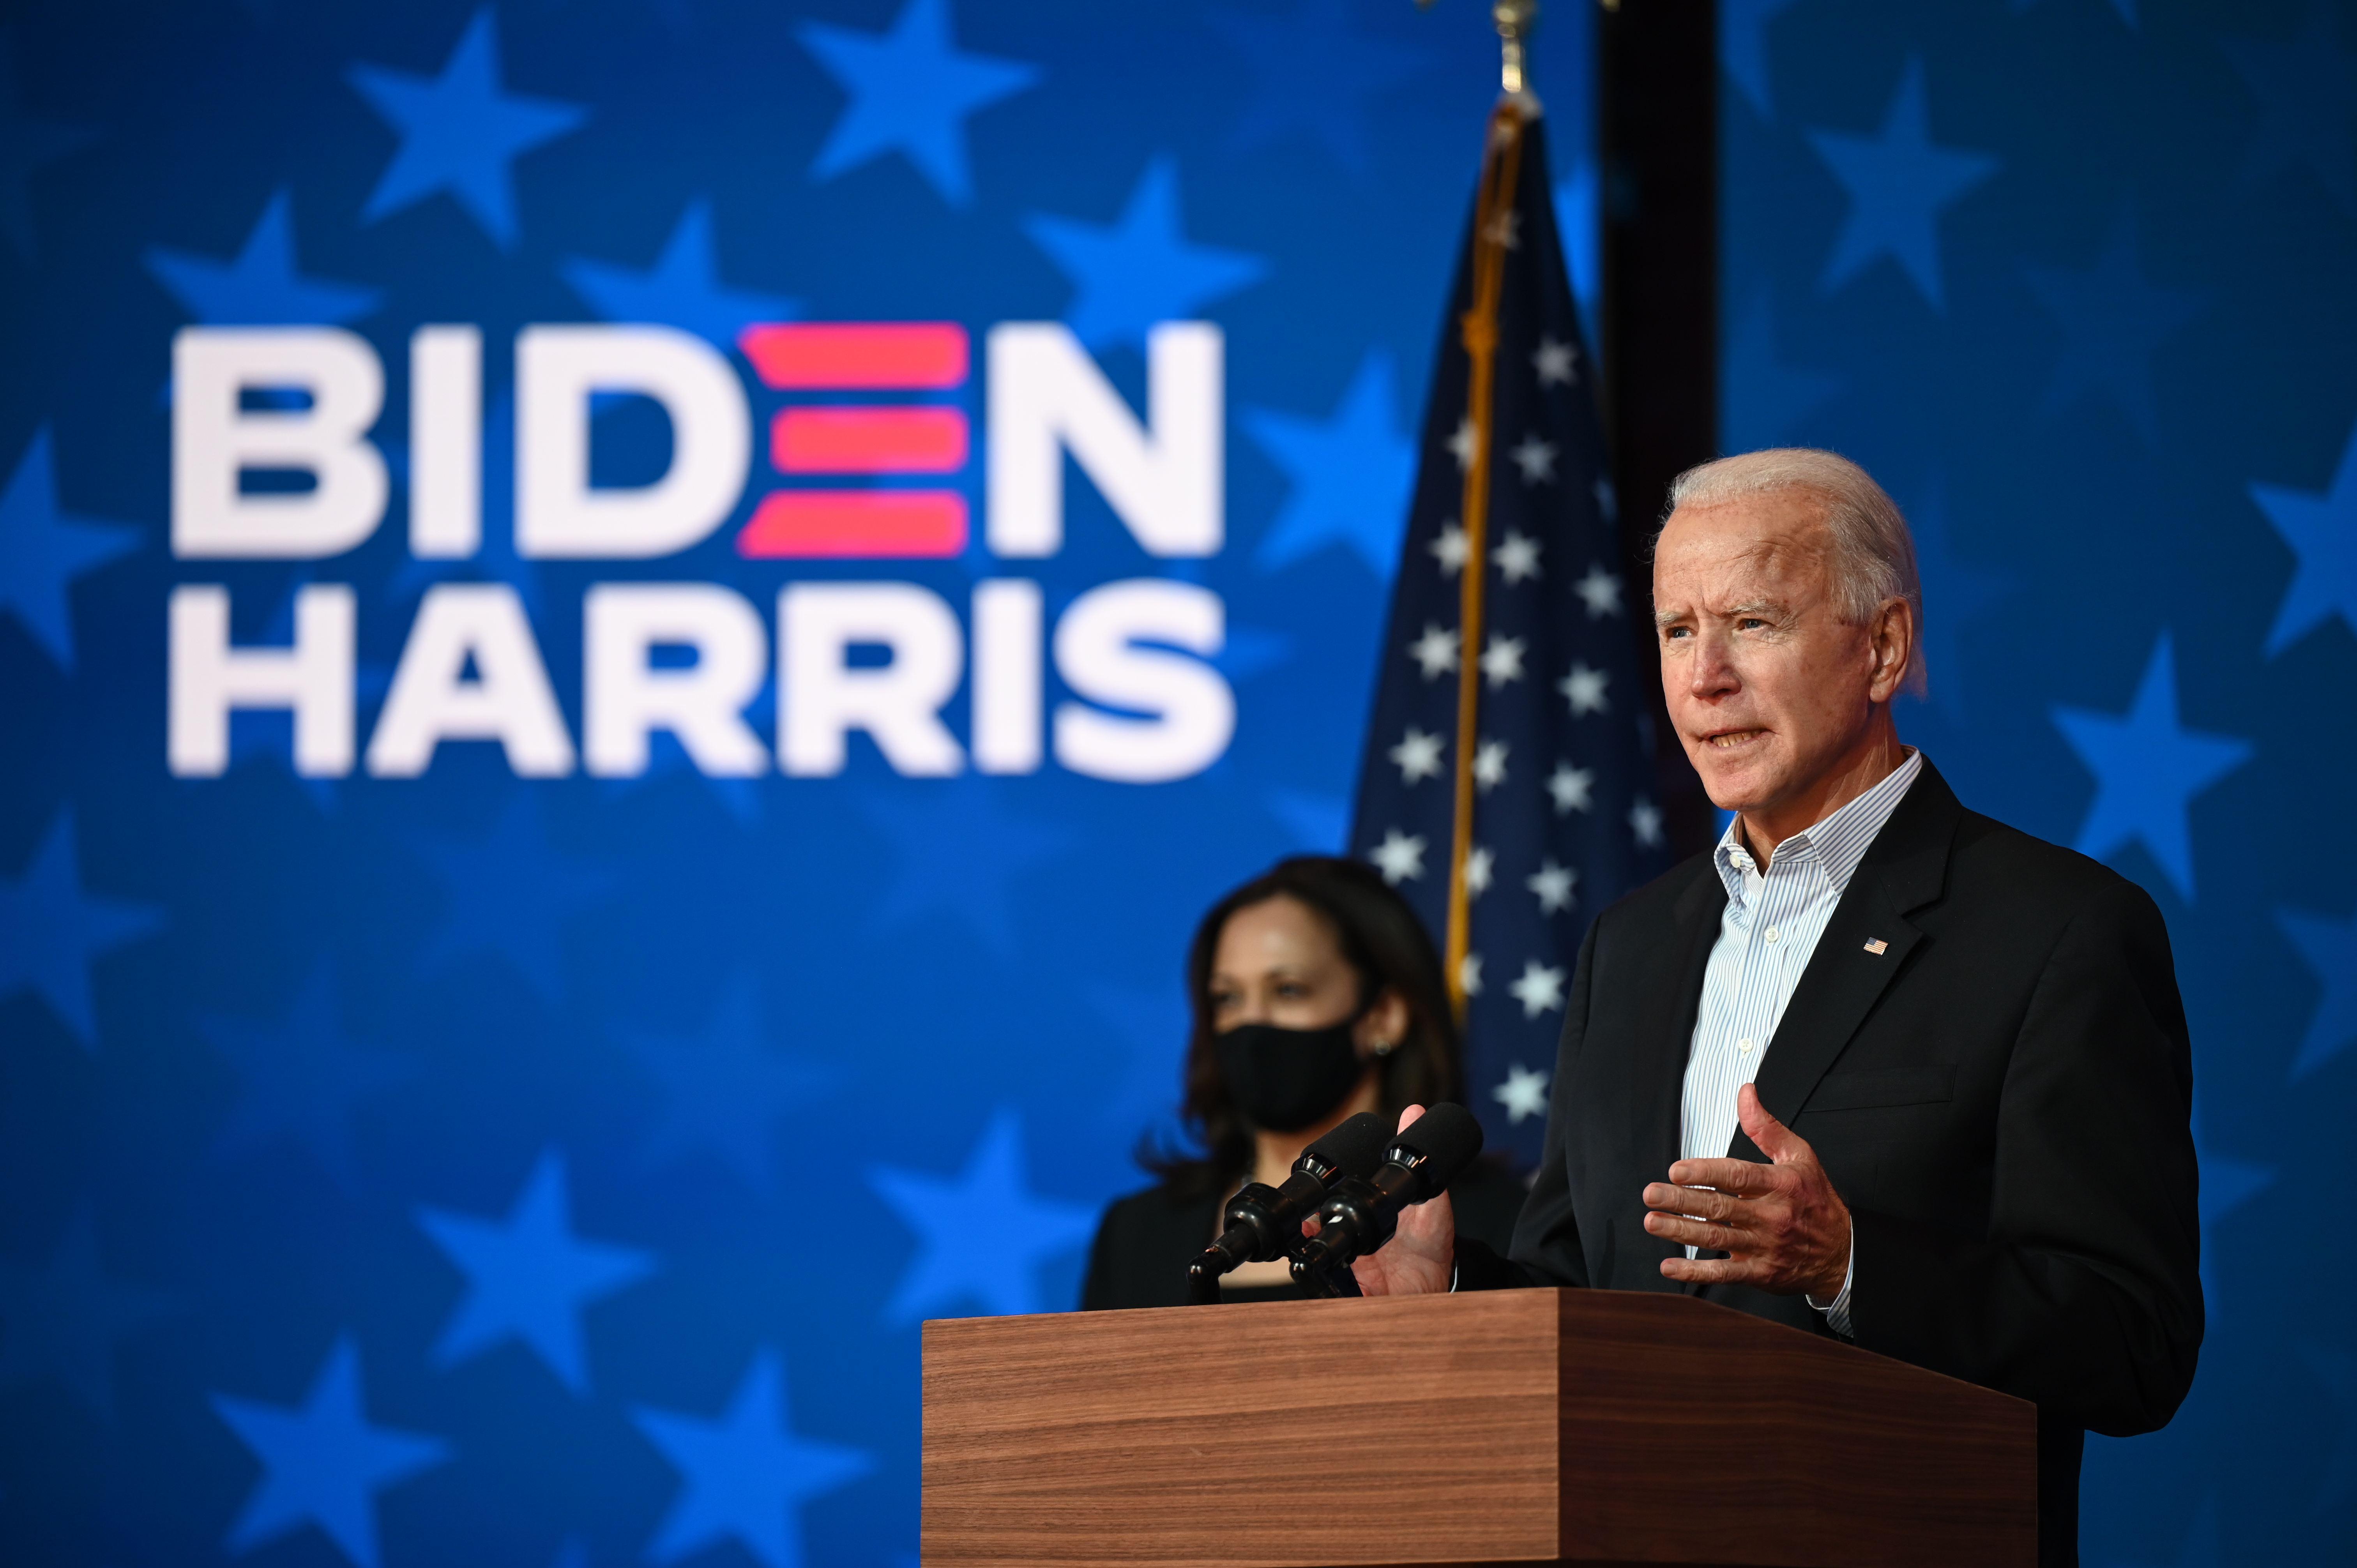 Biden: We're going to win this race